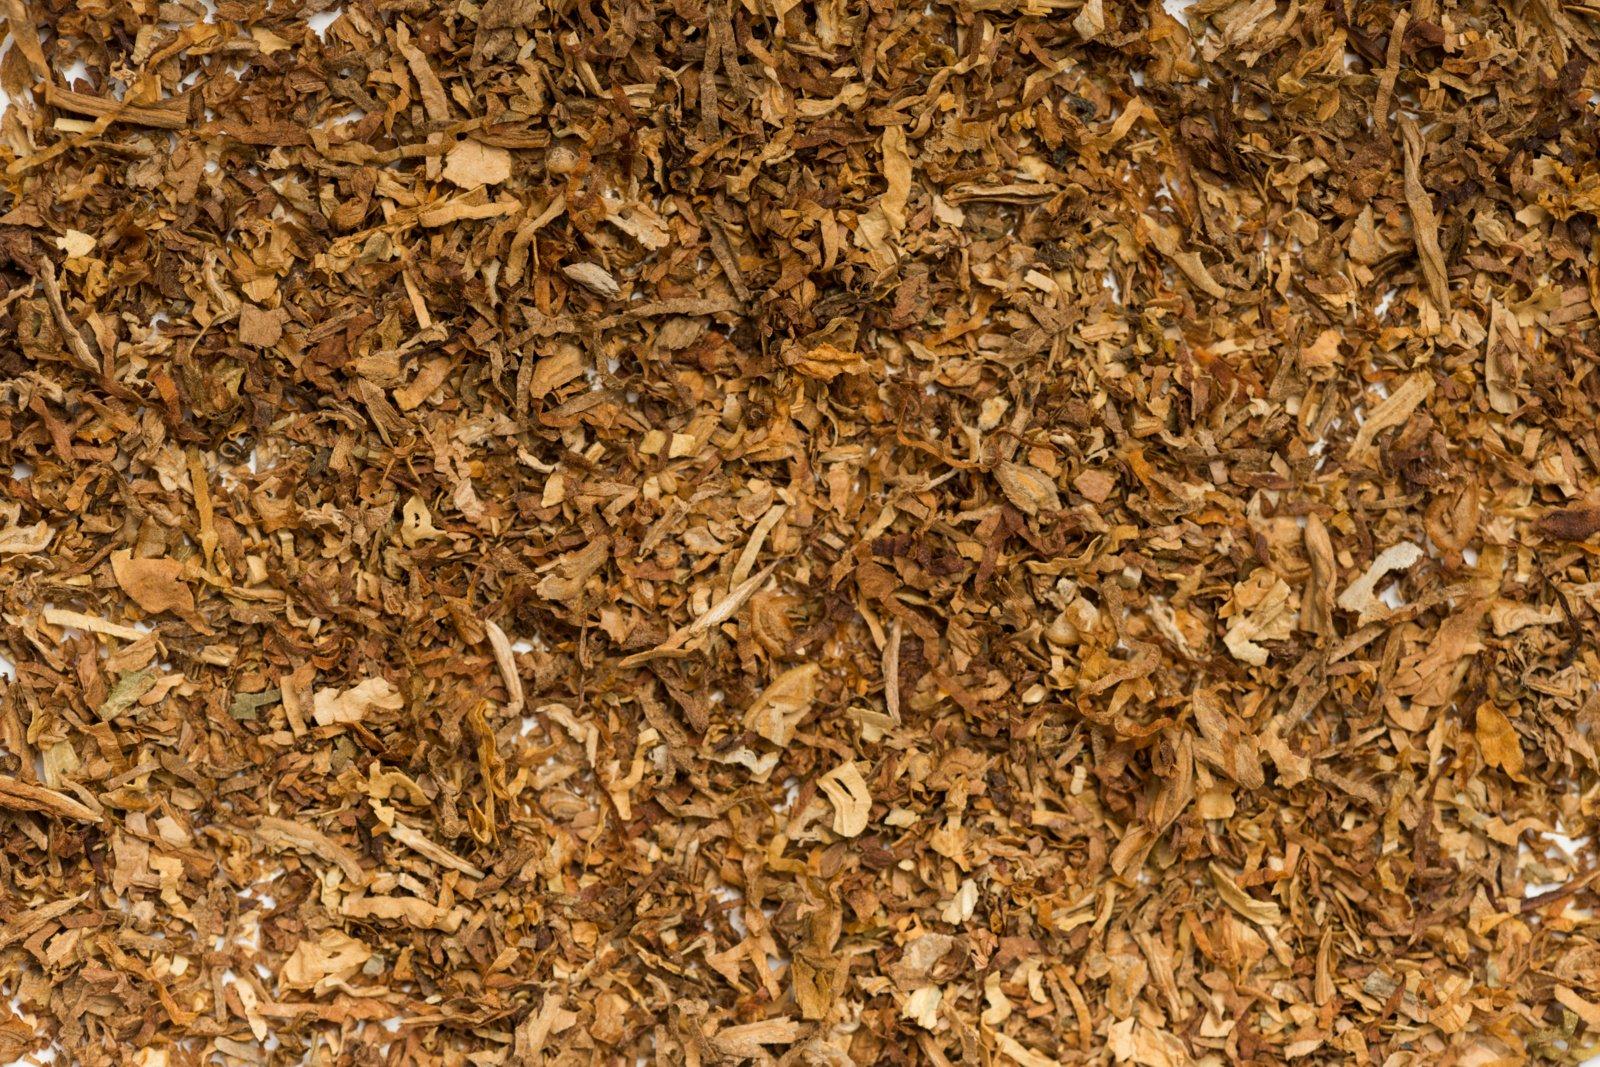 Seimas pritarė neapdoroto tabako mažmeninės prekybos uždraudimui